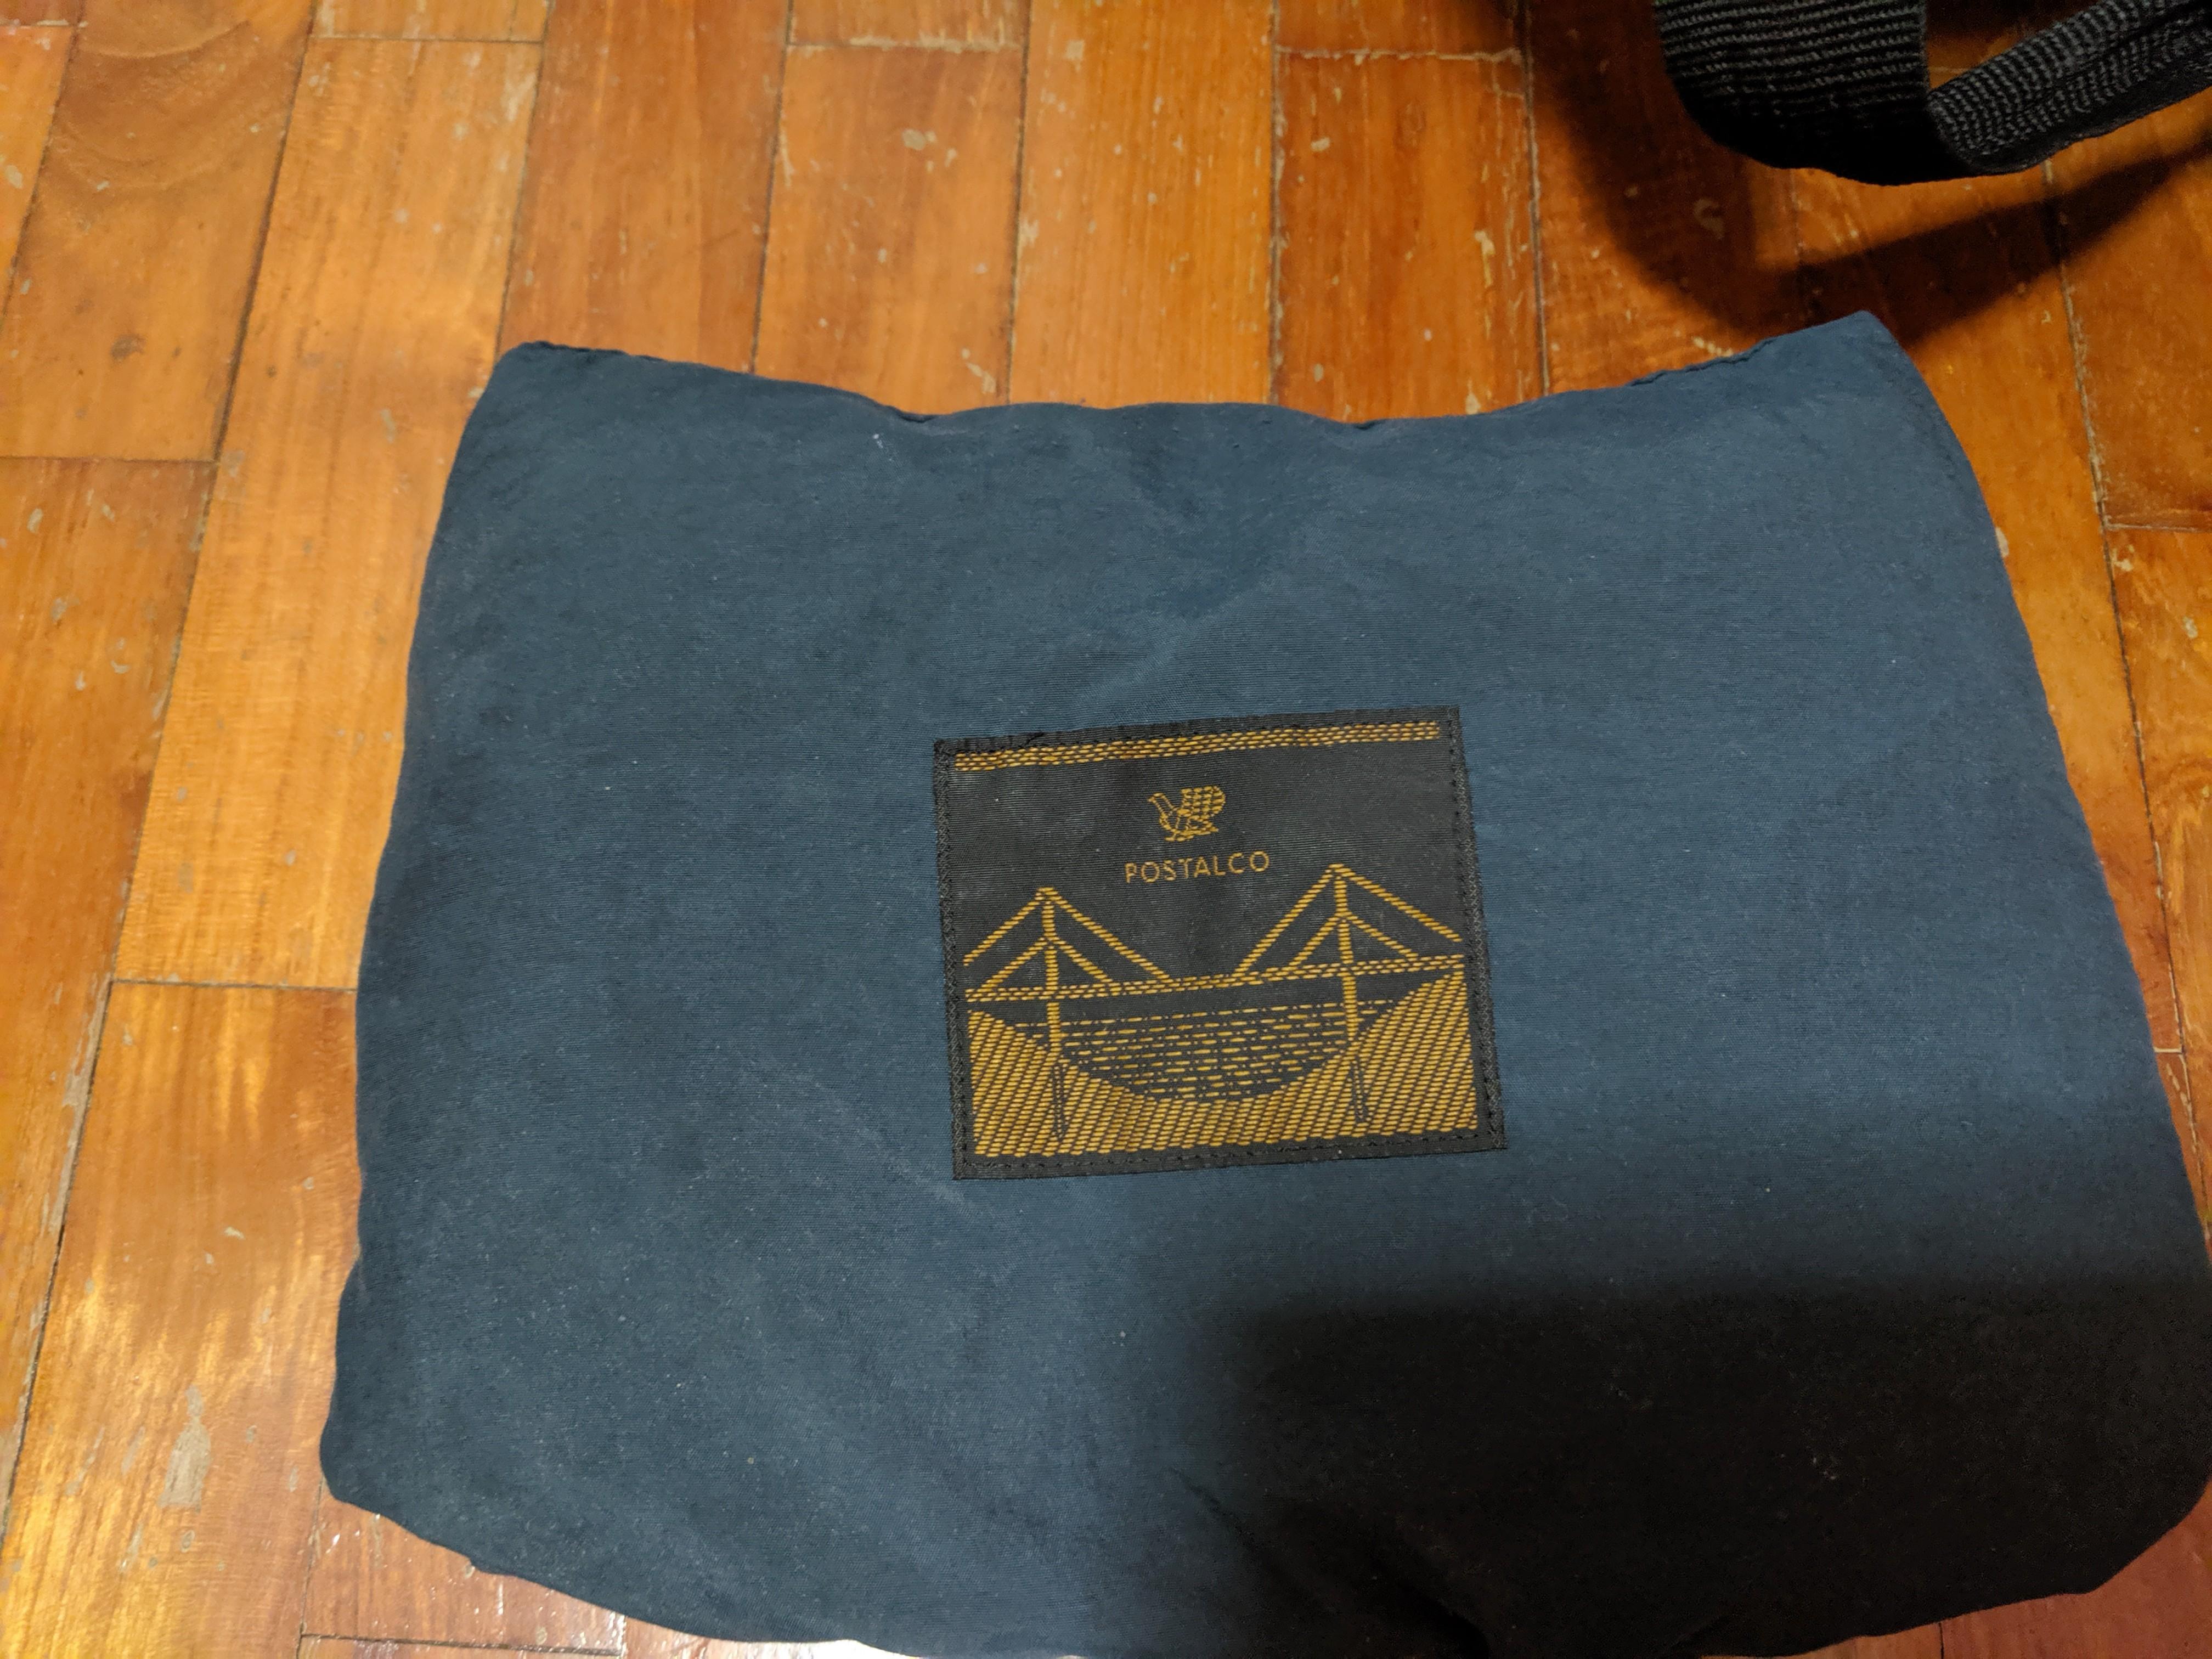 Postalco nylon fabric poncho- navy blue